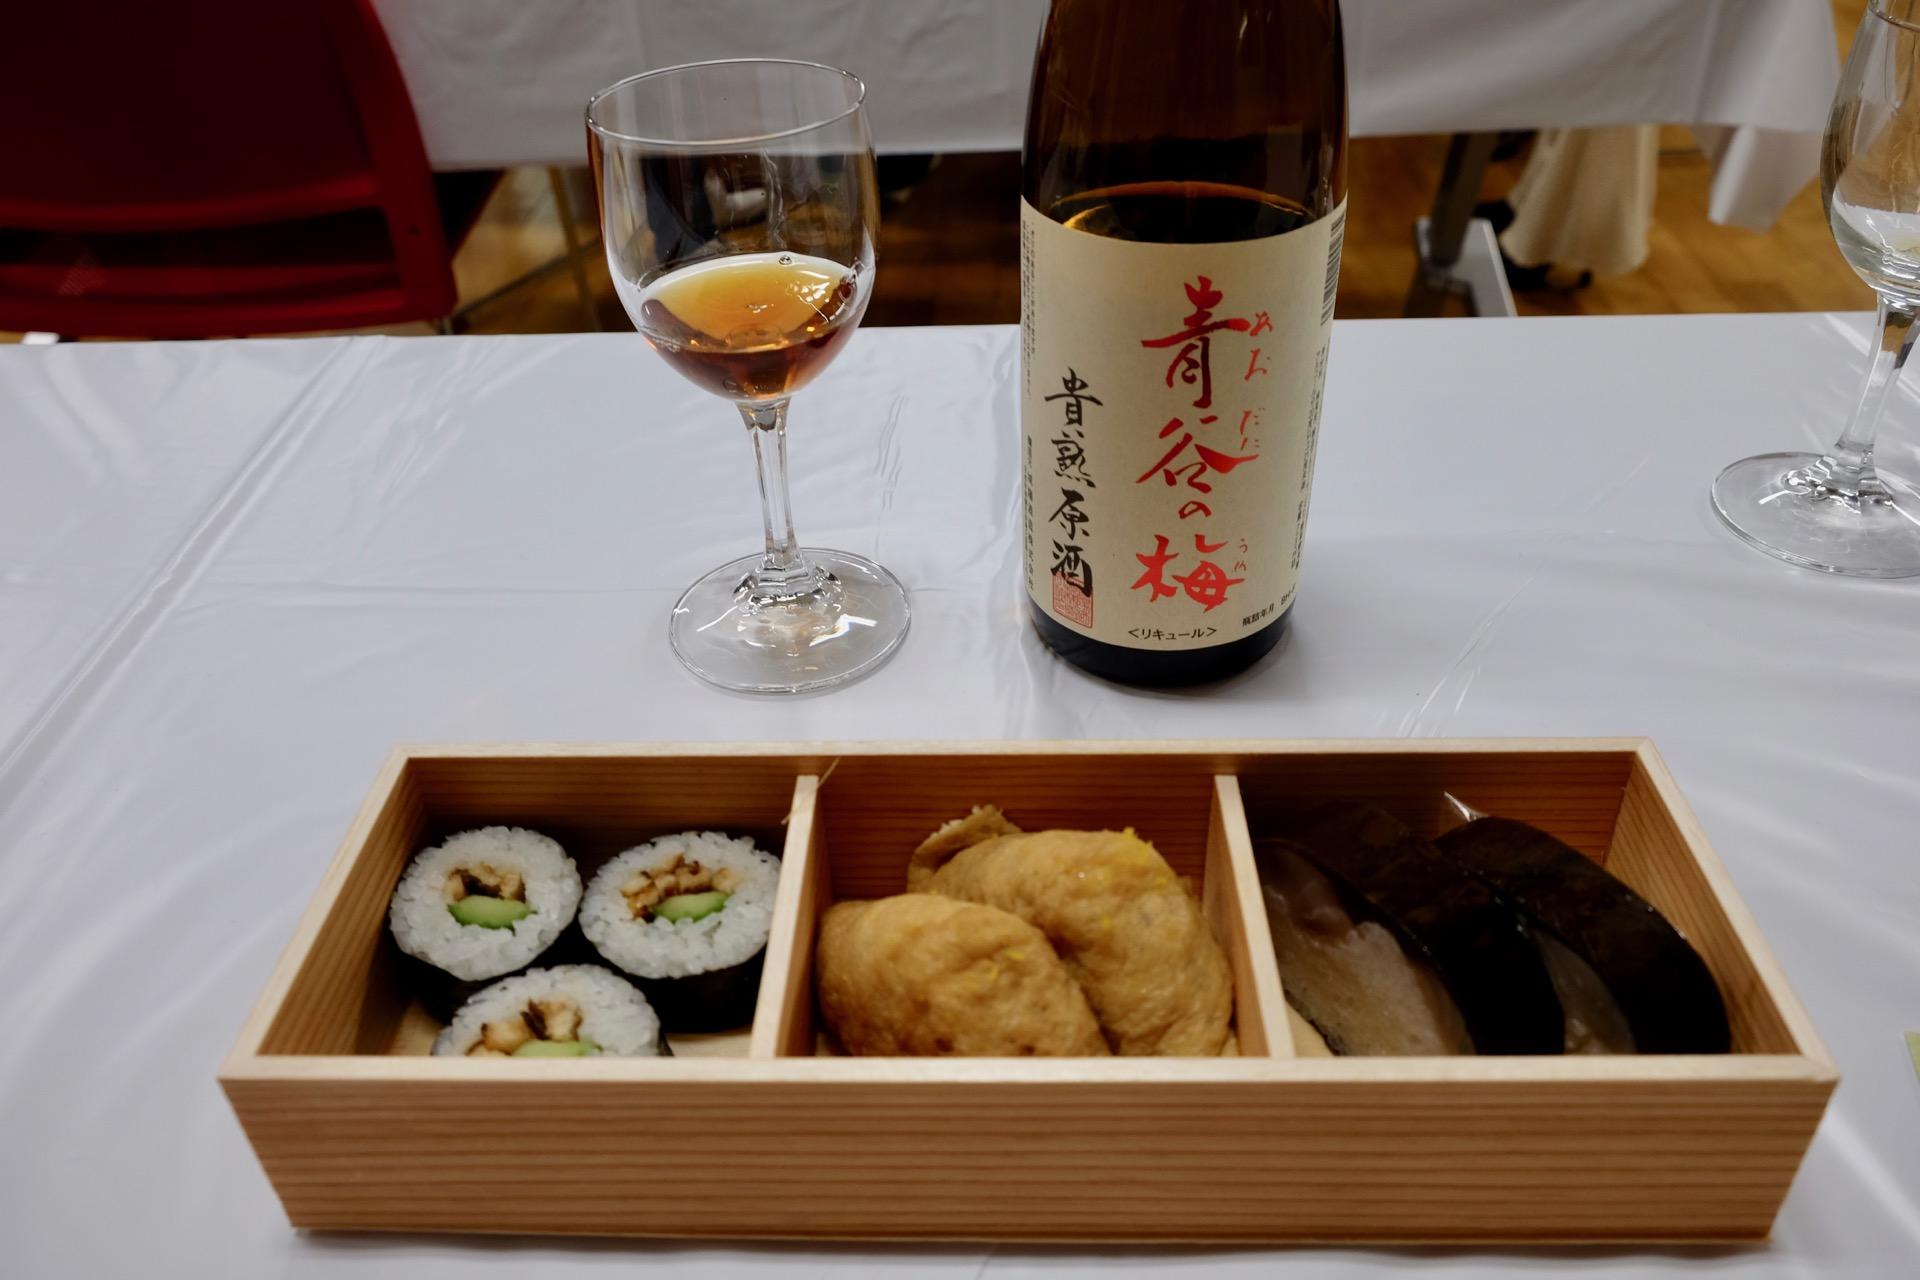 祇園いづうの寿司と和リキュールのペアリング|FRUIT SAKE Party